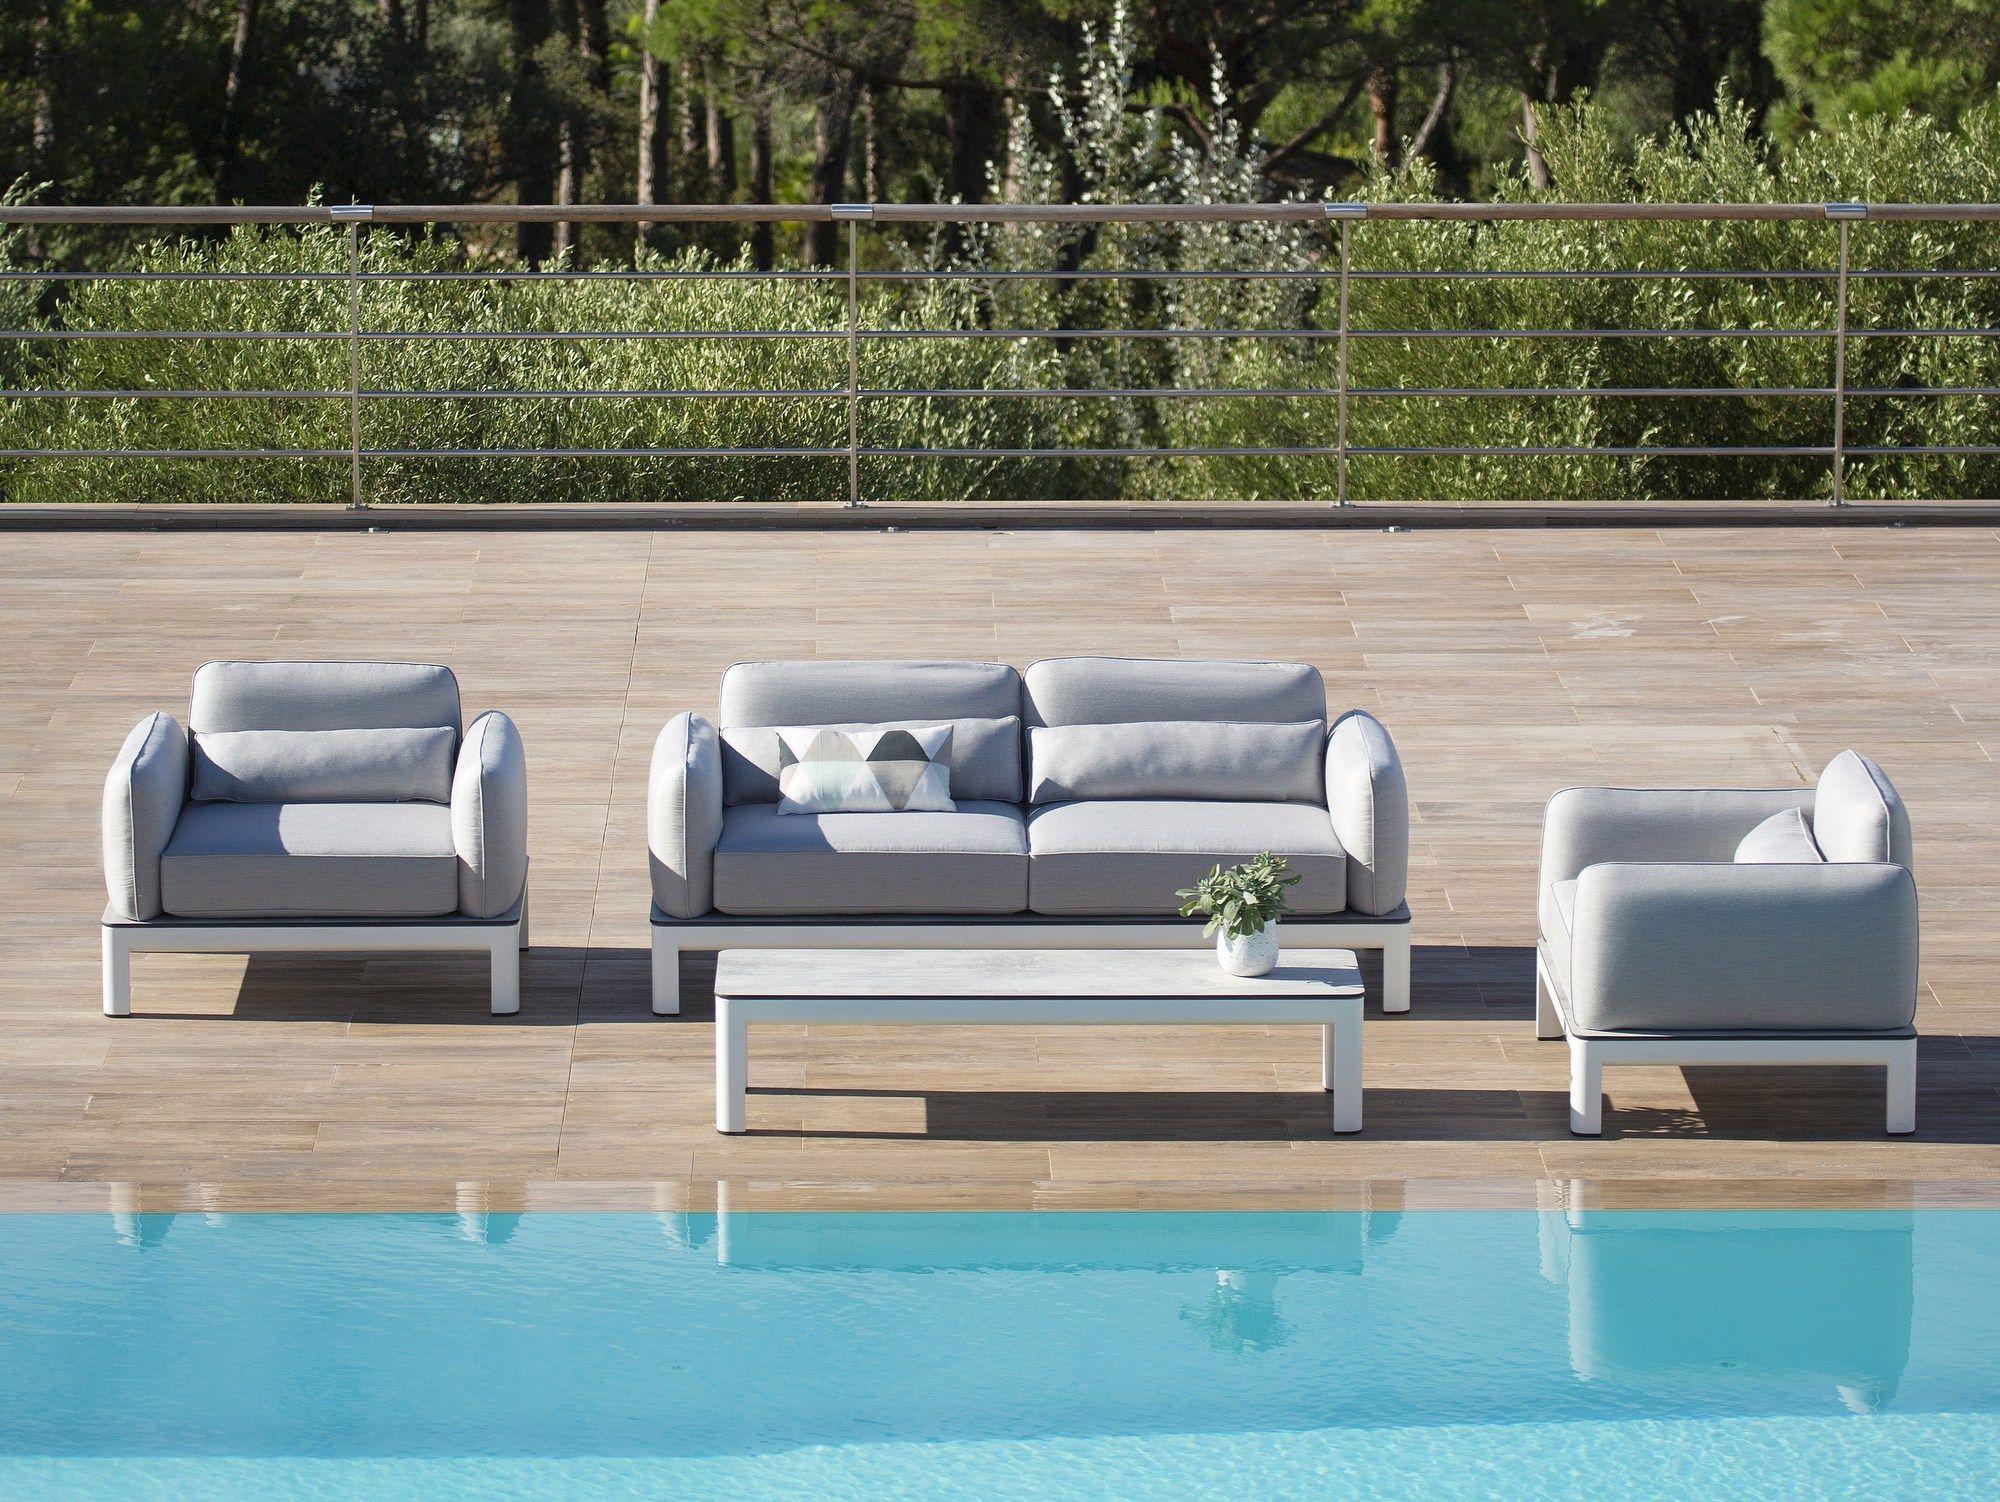 Fabric Garden Sofa With Removable Cover Koton Sofa Les Jardins Garden Furniture Garden Sofa Furniture